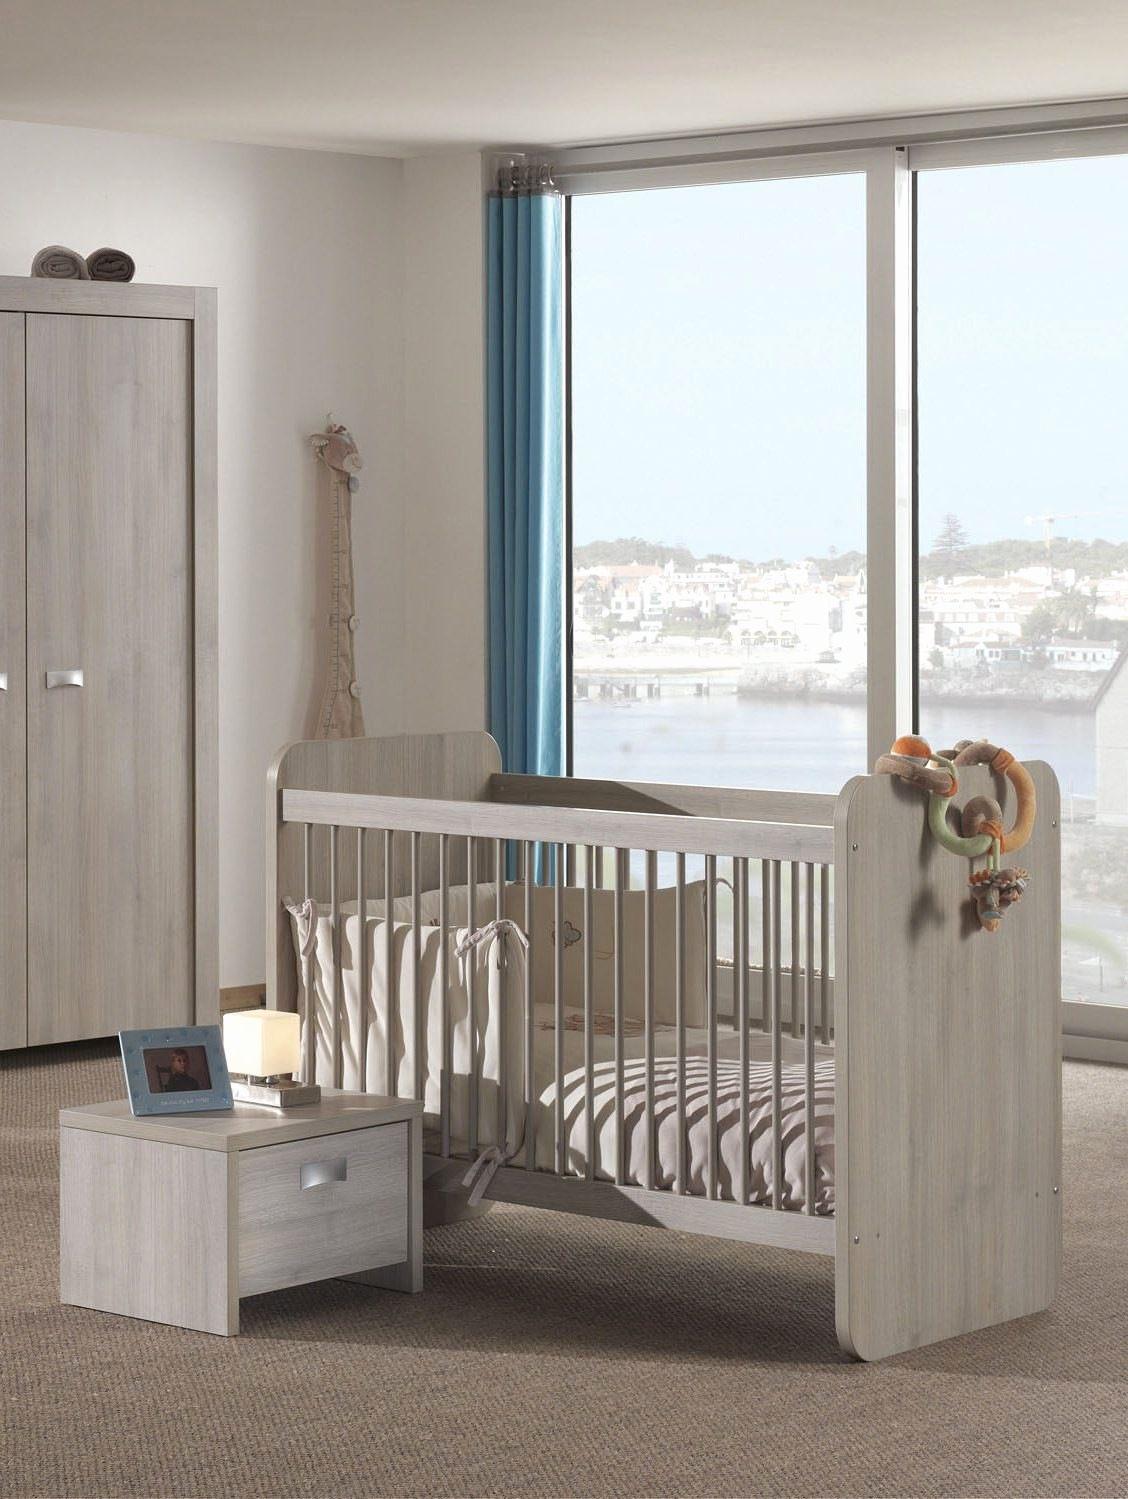 Lit Bébé Pas Cher Luxe Lit Bébé Design Matelas Pour Bébé Conception Impressionnante Parc B